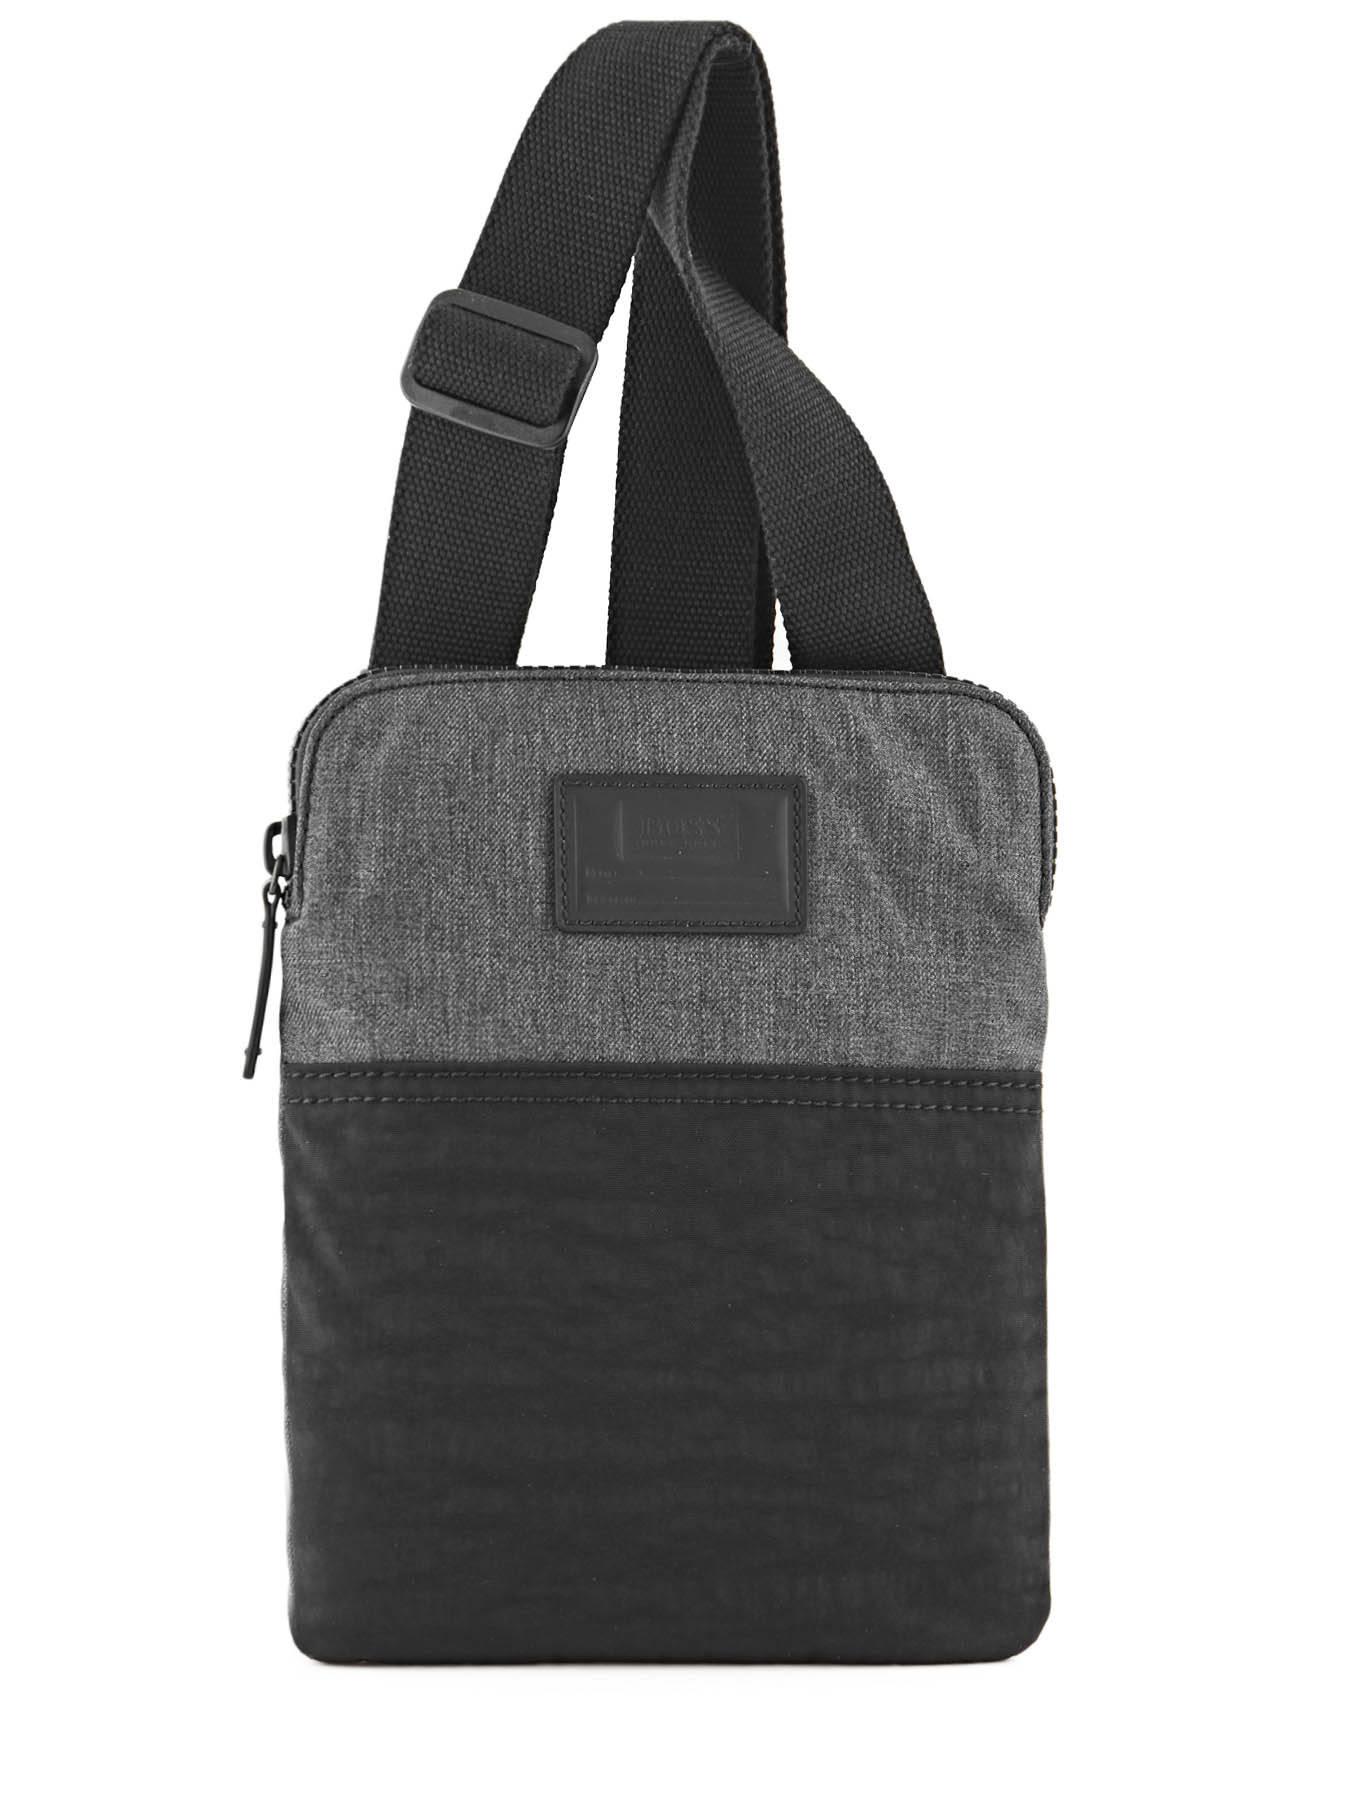 Cross body tas hugo boss zwart boss orange jpg 1350x1800 Hugo boss bag for  men 8ff389a84f